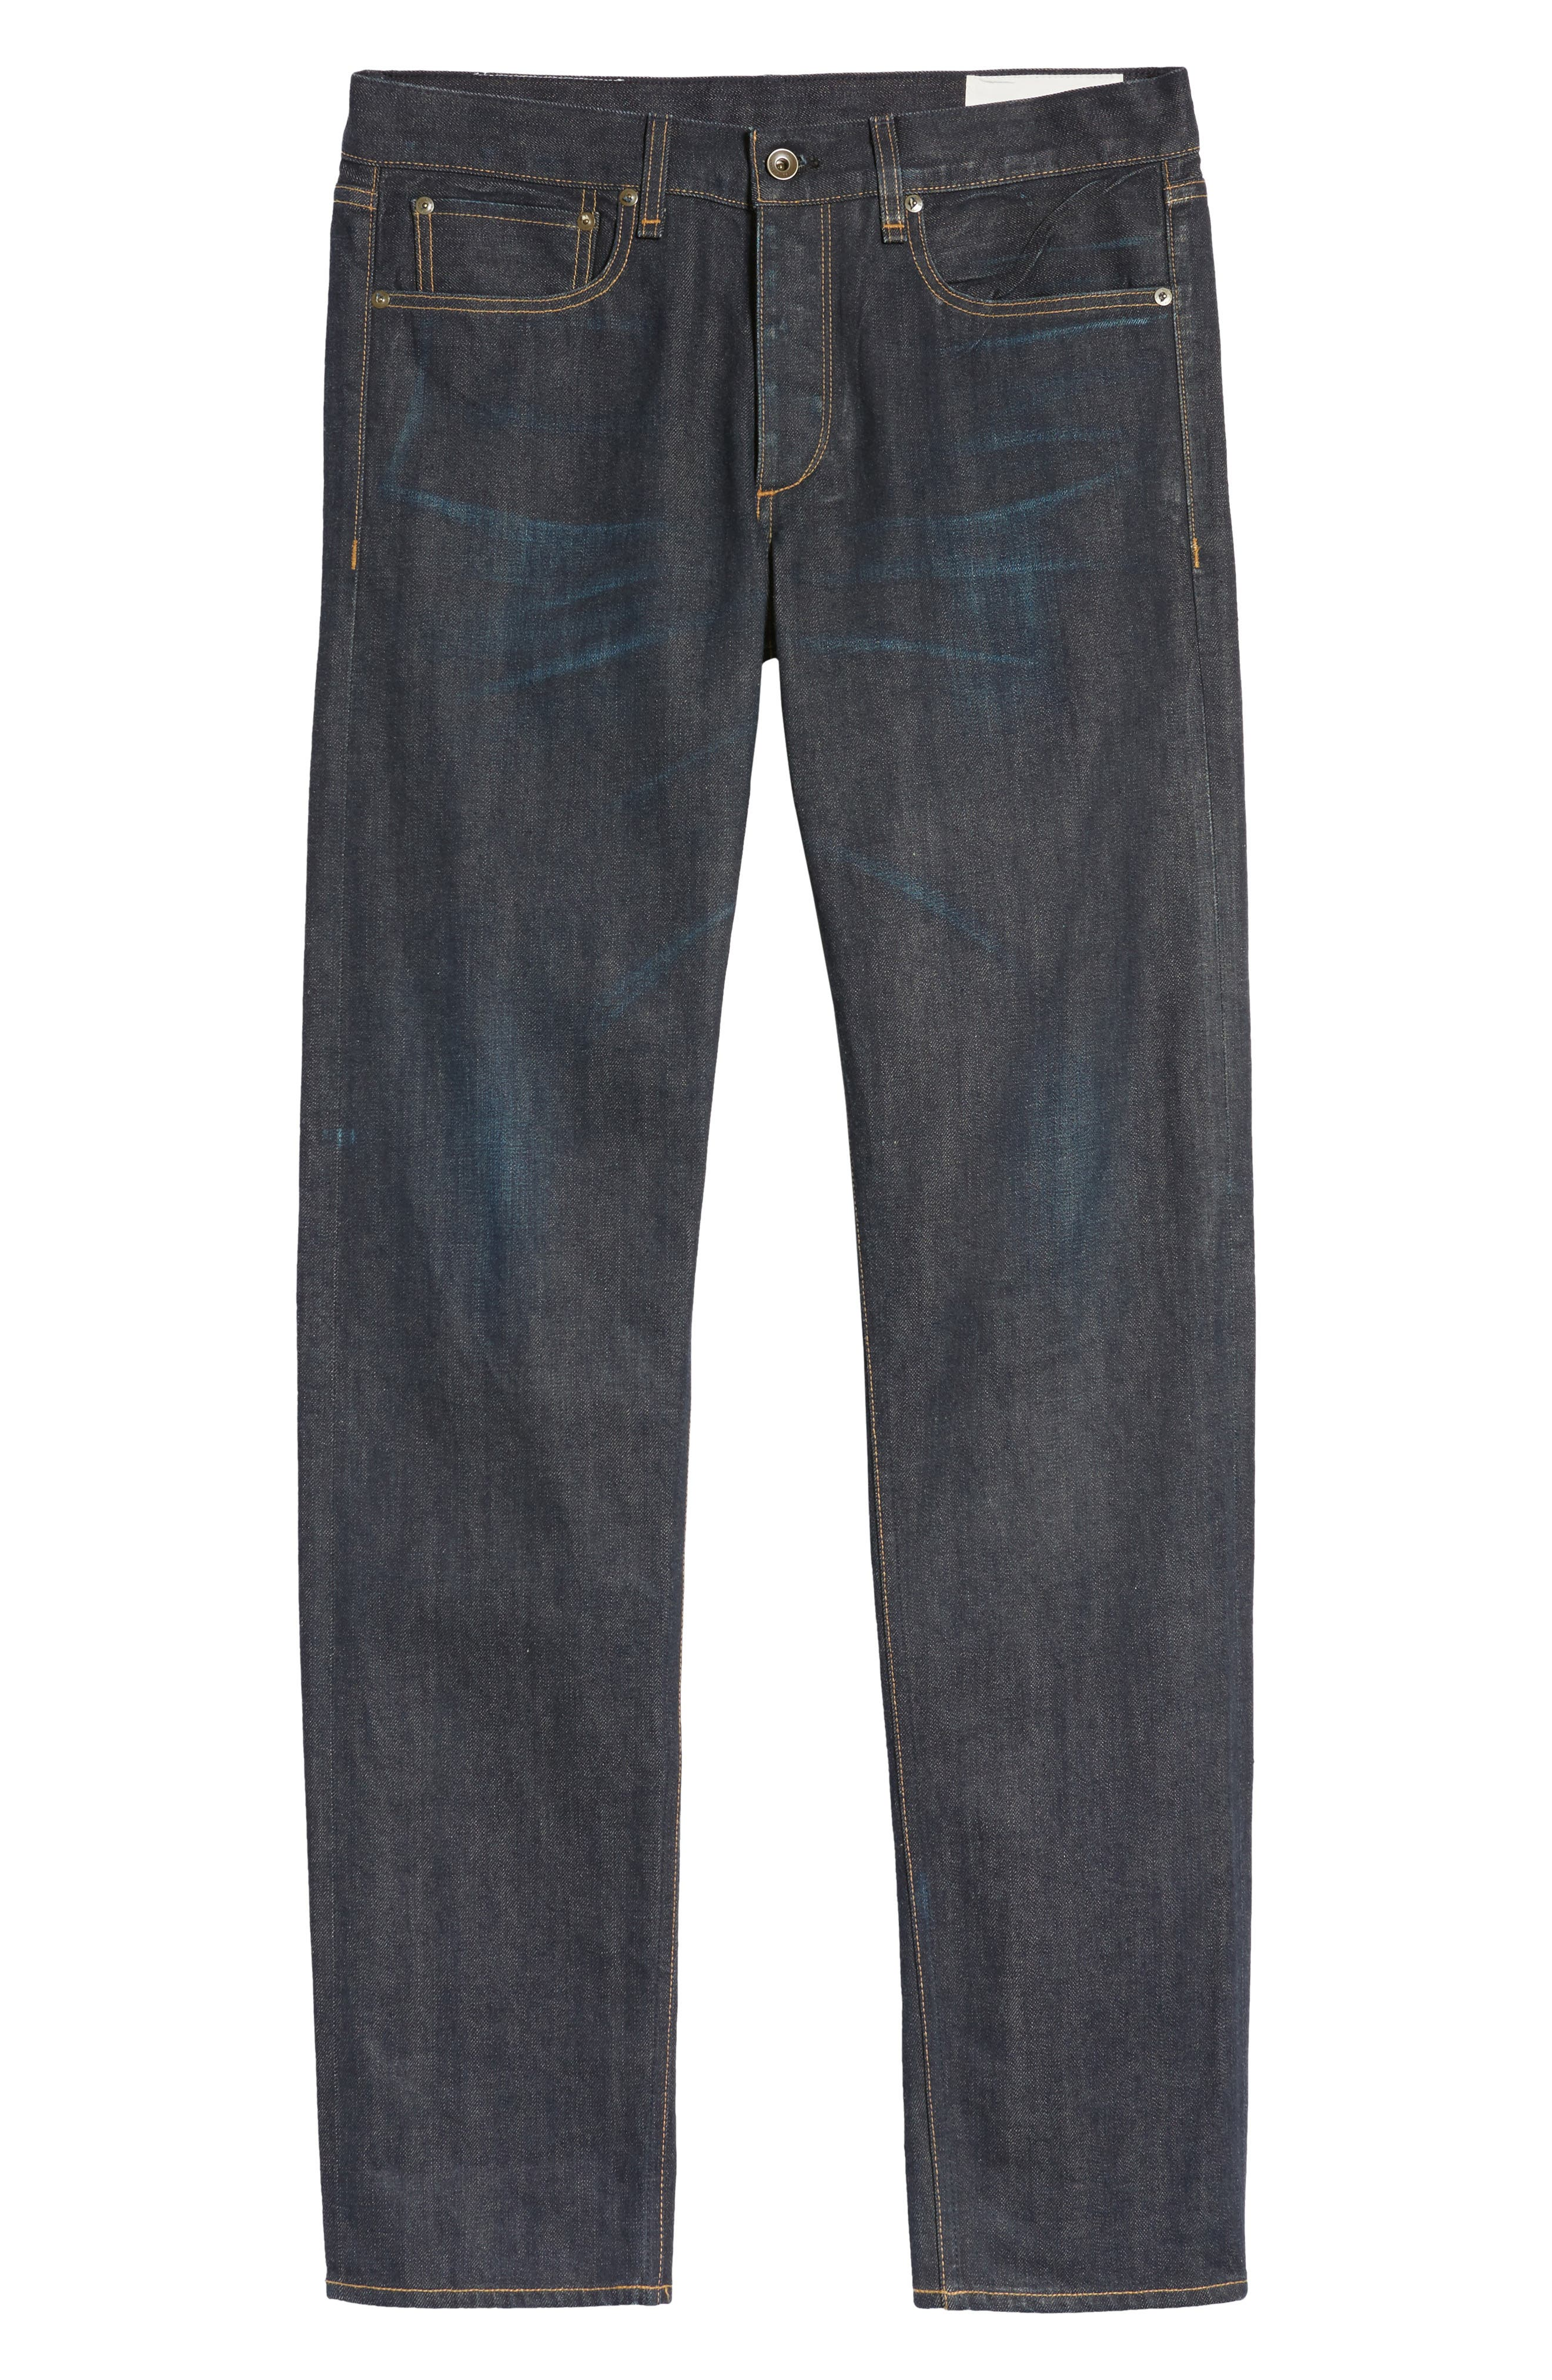 Fit 2 Slim Fit Jeans,                             Alternate thumbnail 6, color,                             452